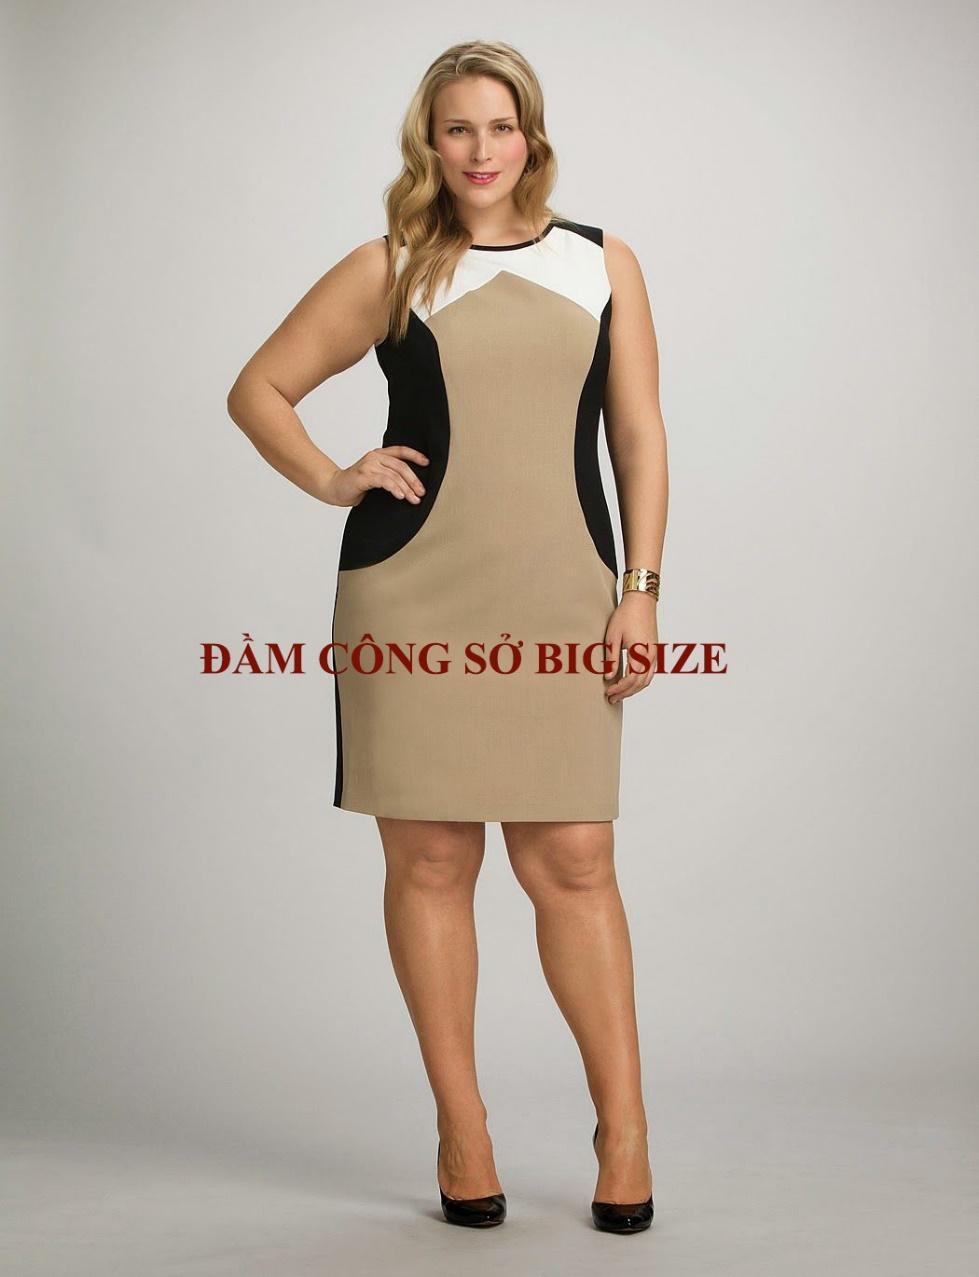 Đầm công sở big size